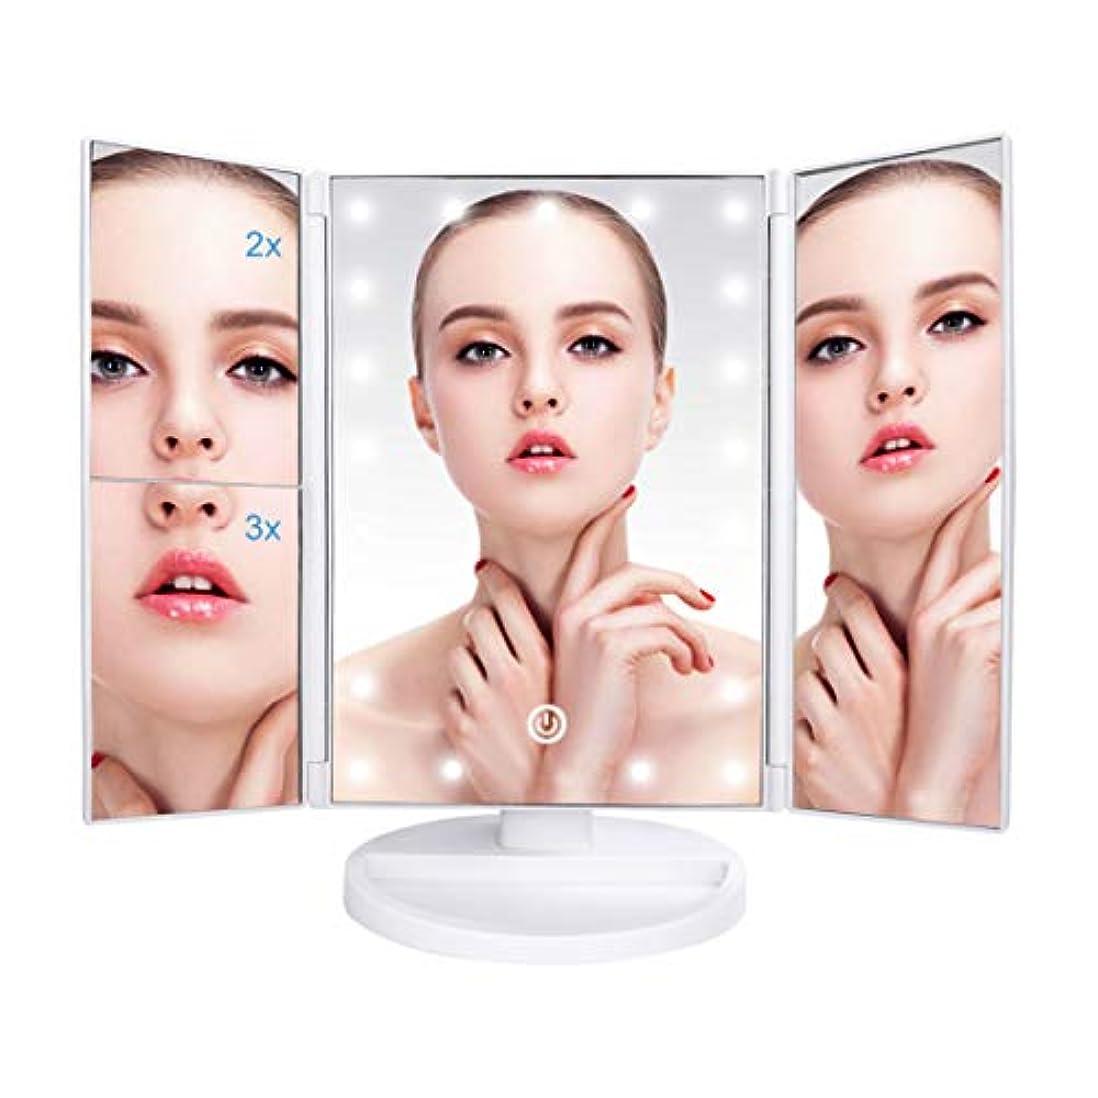 アニメーションフィラデルフィアスクランブル化粧鏡 LED 化粧ミラー 卓上 鏡 三面鏡 女優ミラー LED付き折りたたみ 拡大鏡 2倍 3倍 明るさ調節可能 180°回転可能 電池&USB 2WAY給電 21個LEDライト付きホワイト